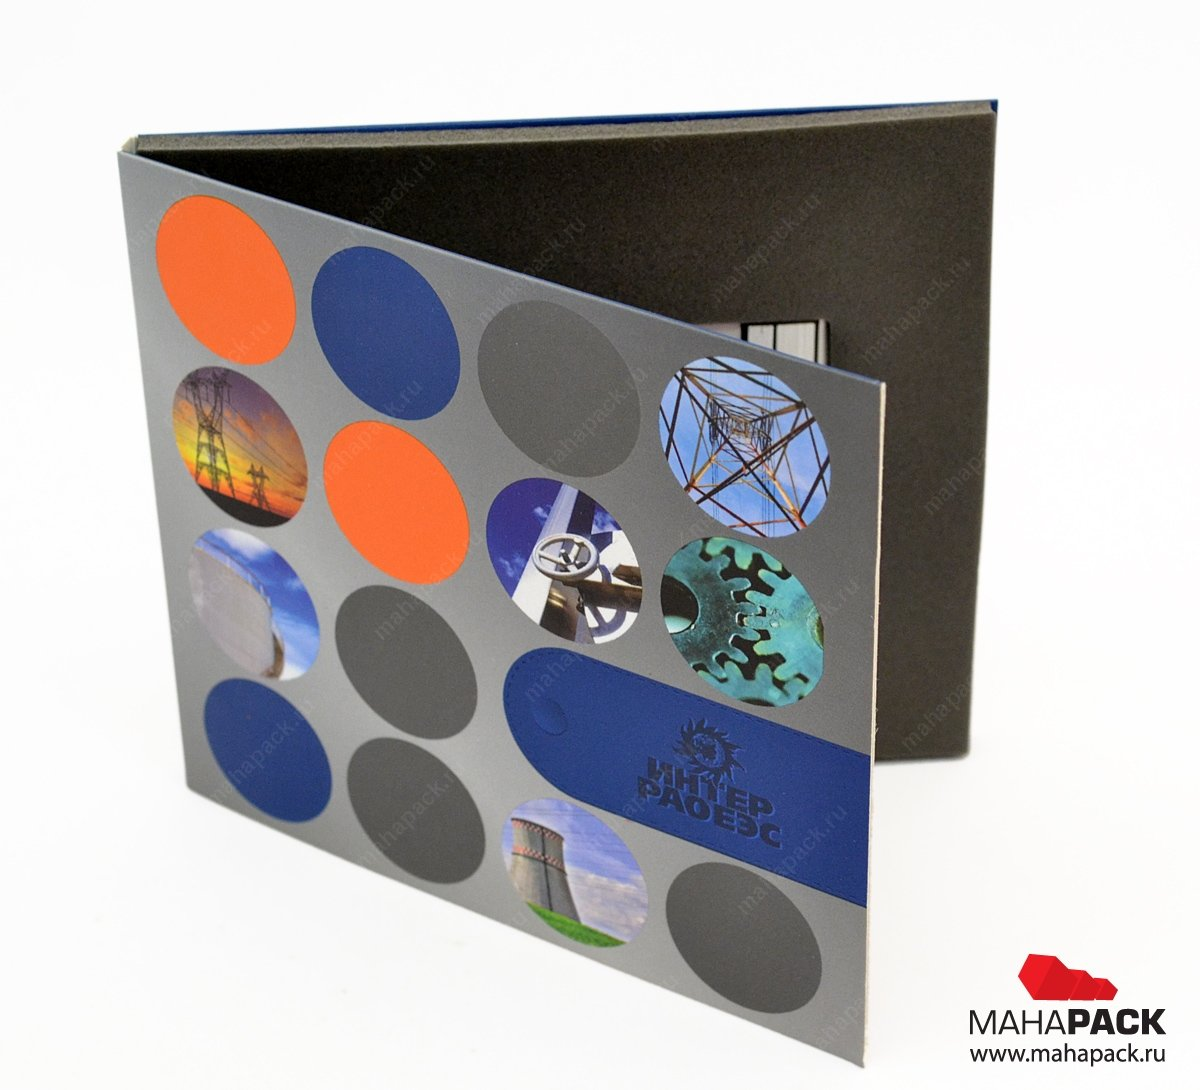 Упаковка для флешки-карточки, выборочный уф.лак на обложку